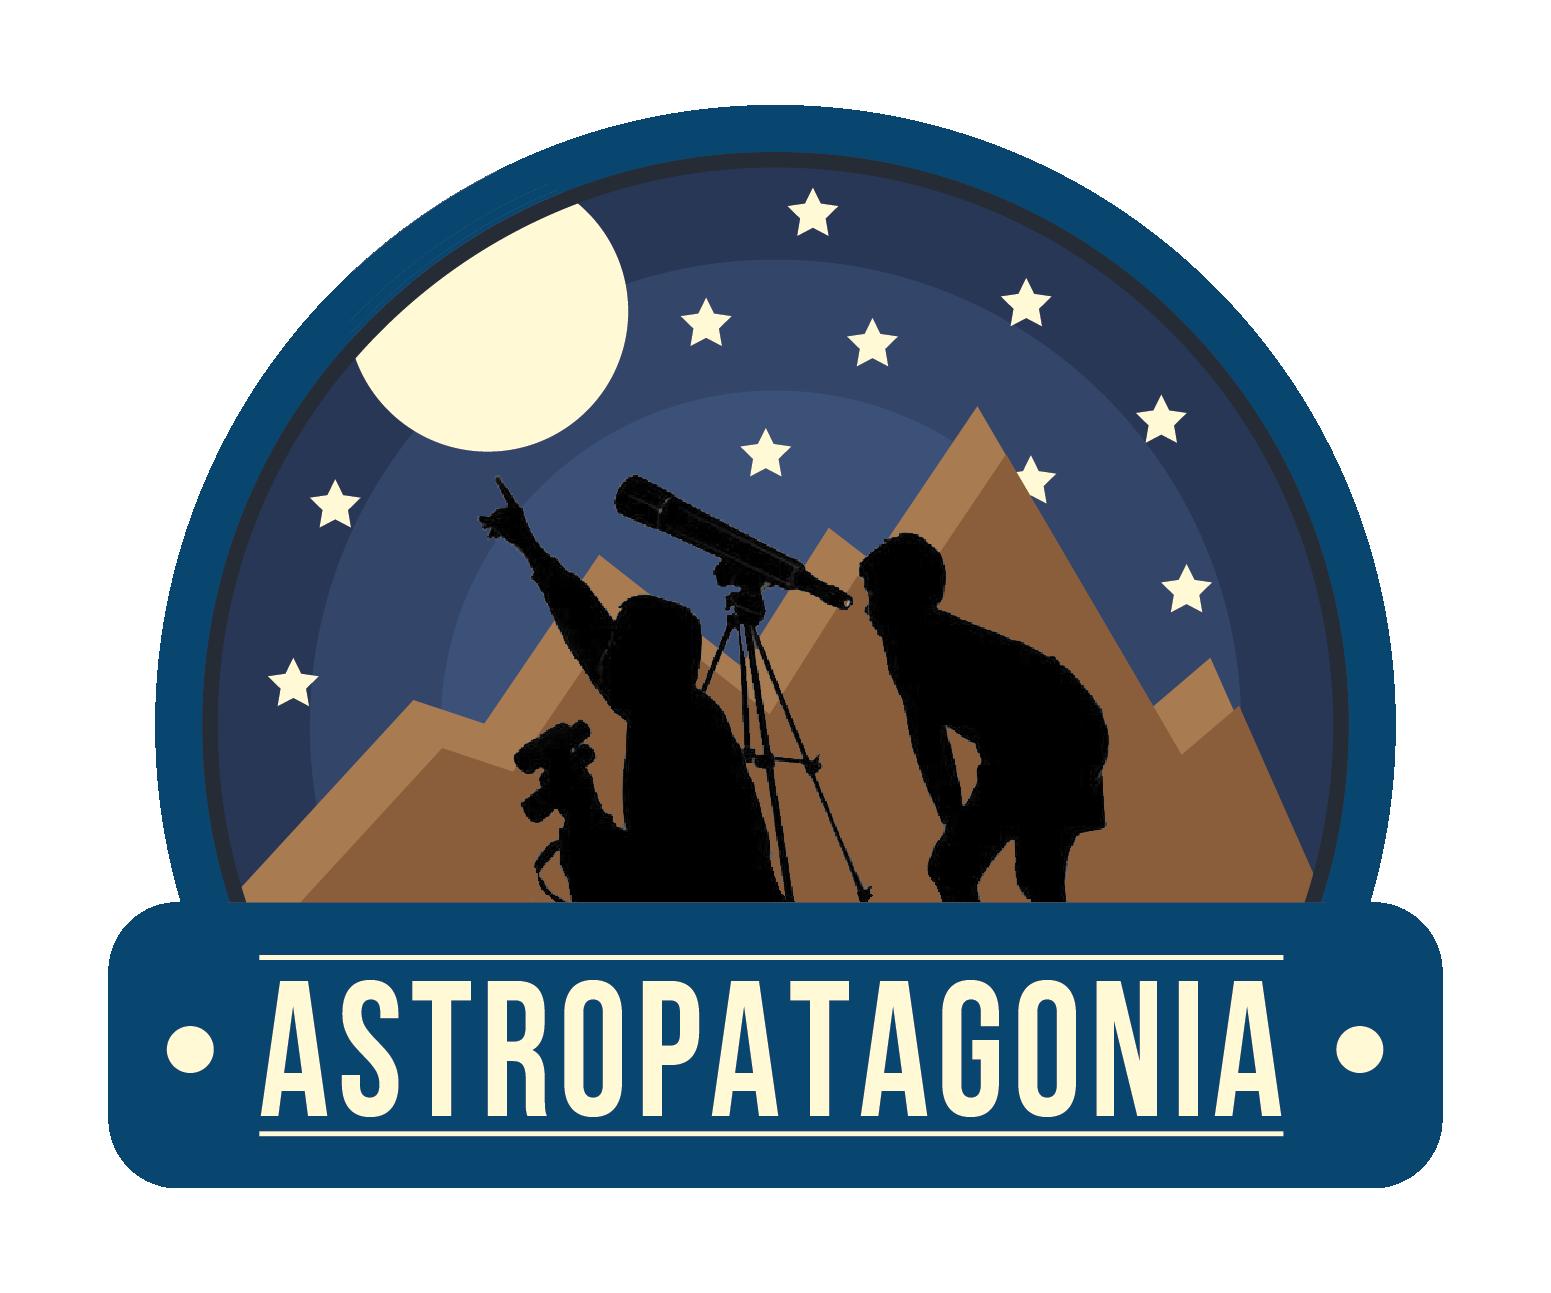 astropatagonia-logo